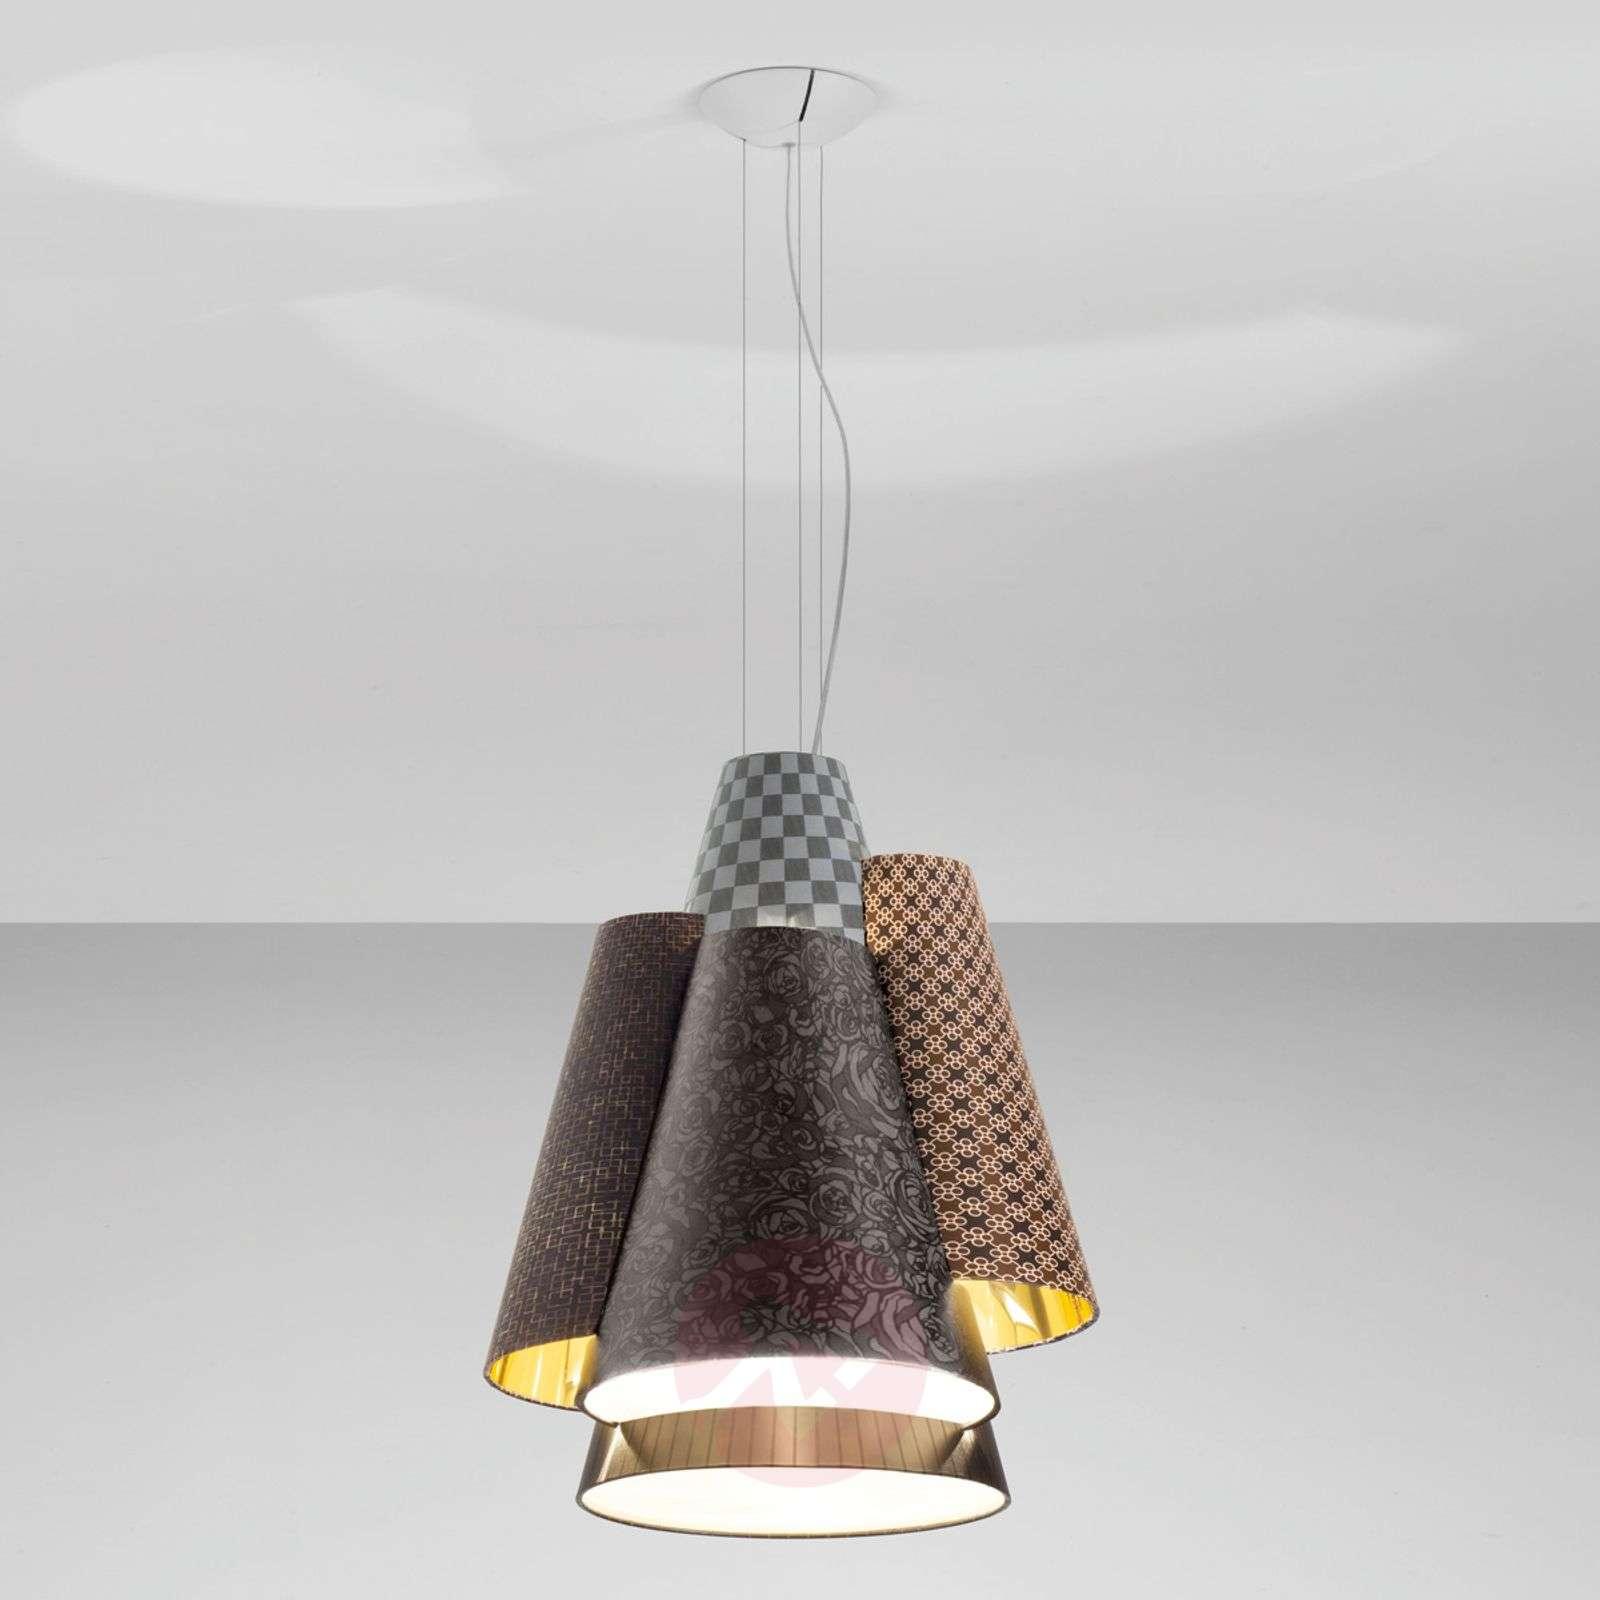 Axolight Melting Pot 60-riippuvalo ruskea-kulta-1088076-01